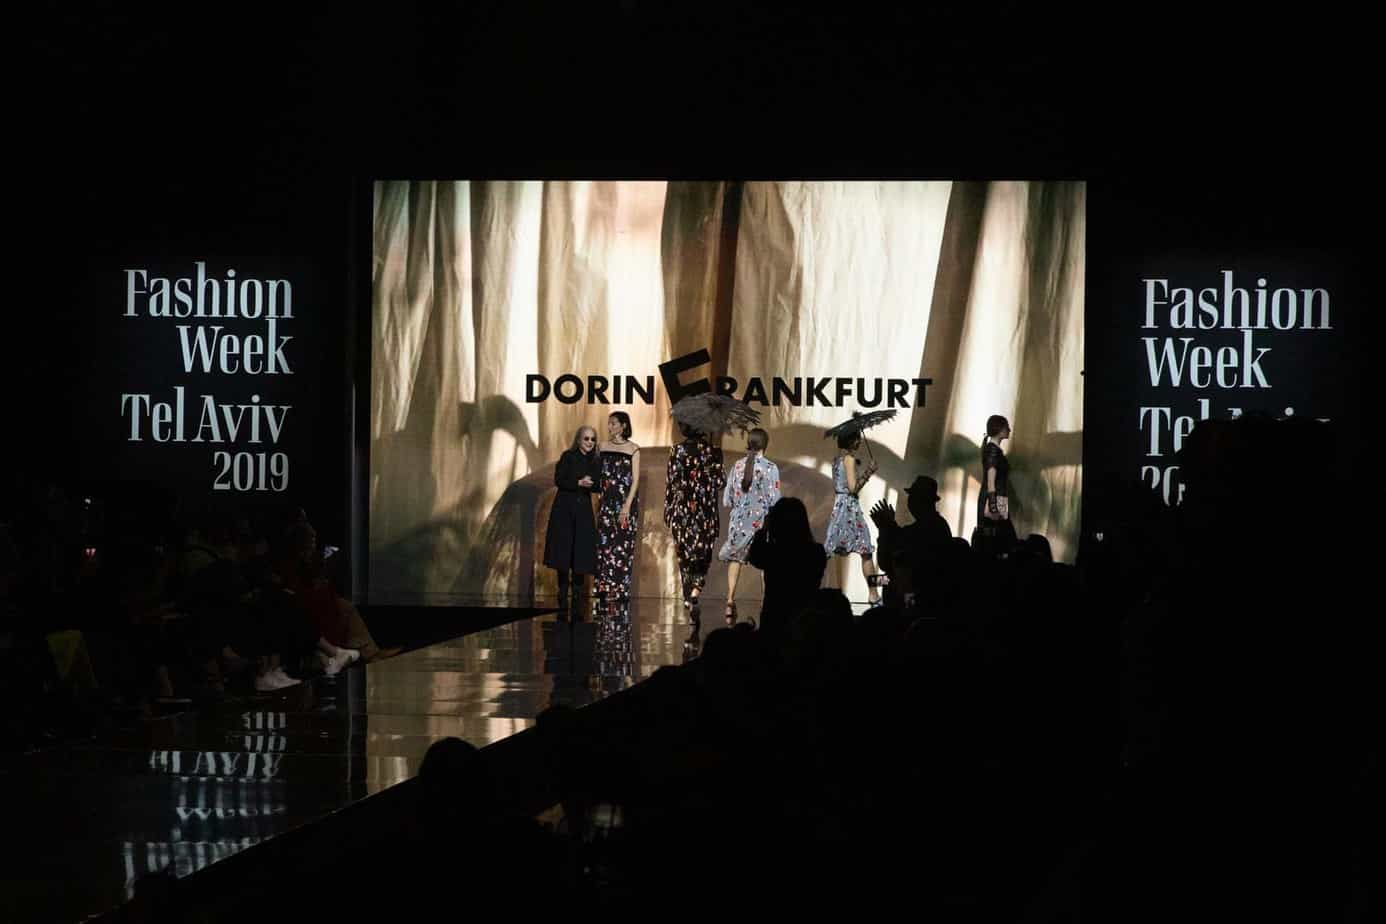 דורין פרקפורט. שבוע האופנה תל אביב 2019. צילום עומר קפלן -25